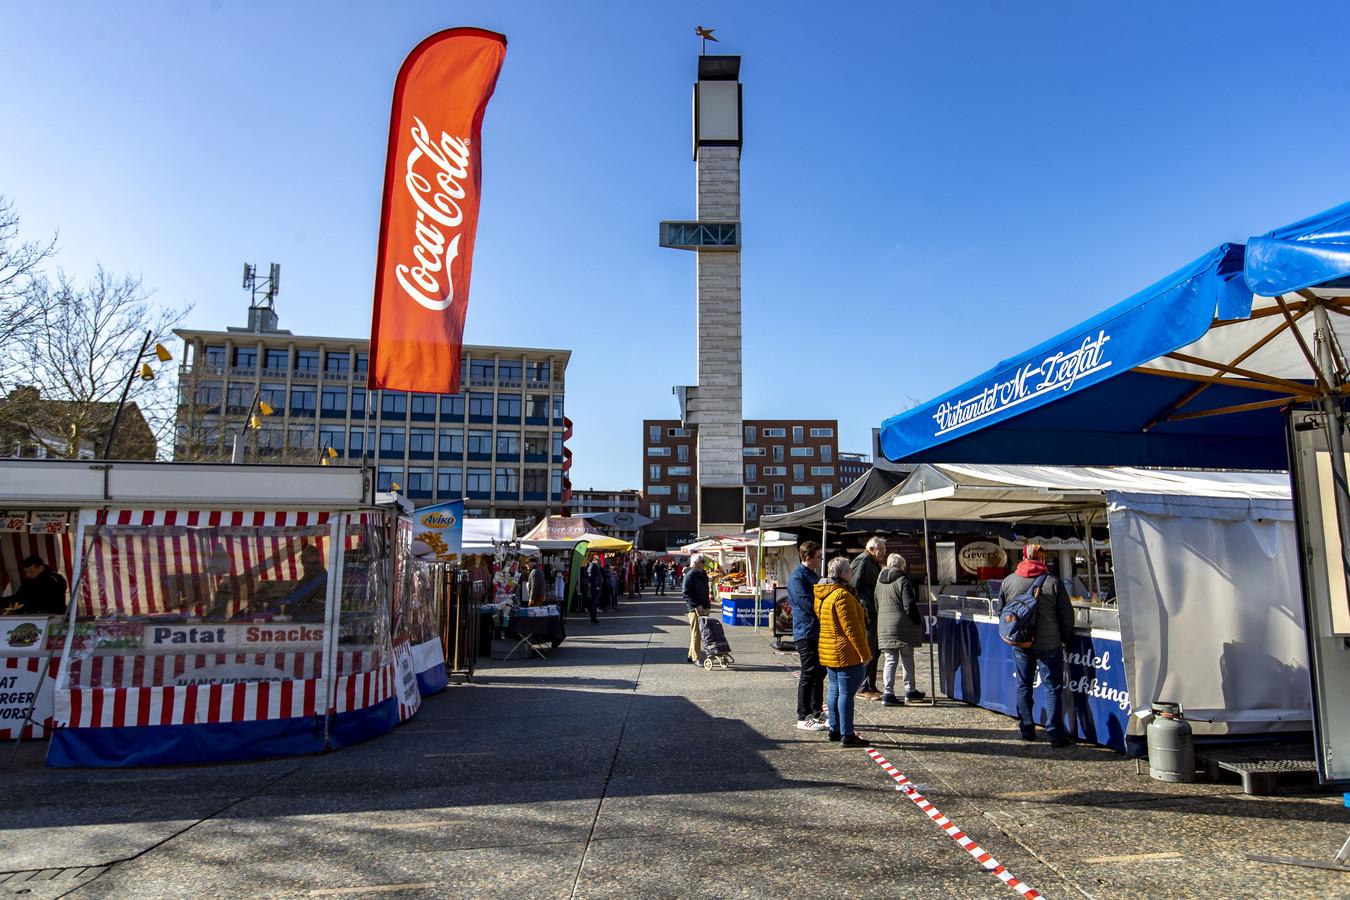 Op de markt in Hengelo werden al maatregelen getroffen, nu wordt de markt fors ingeperkt.